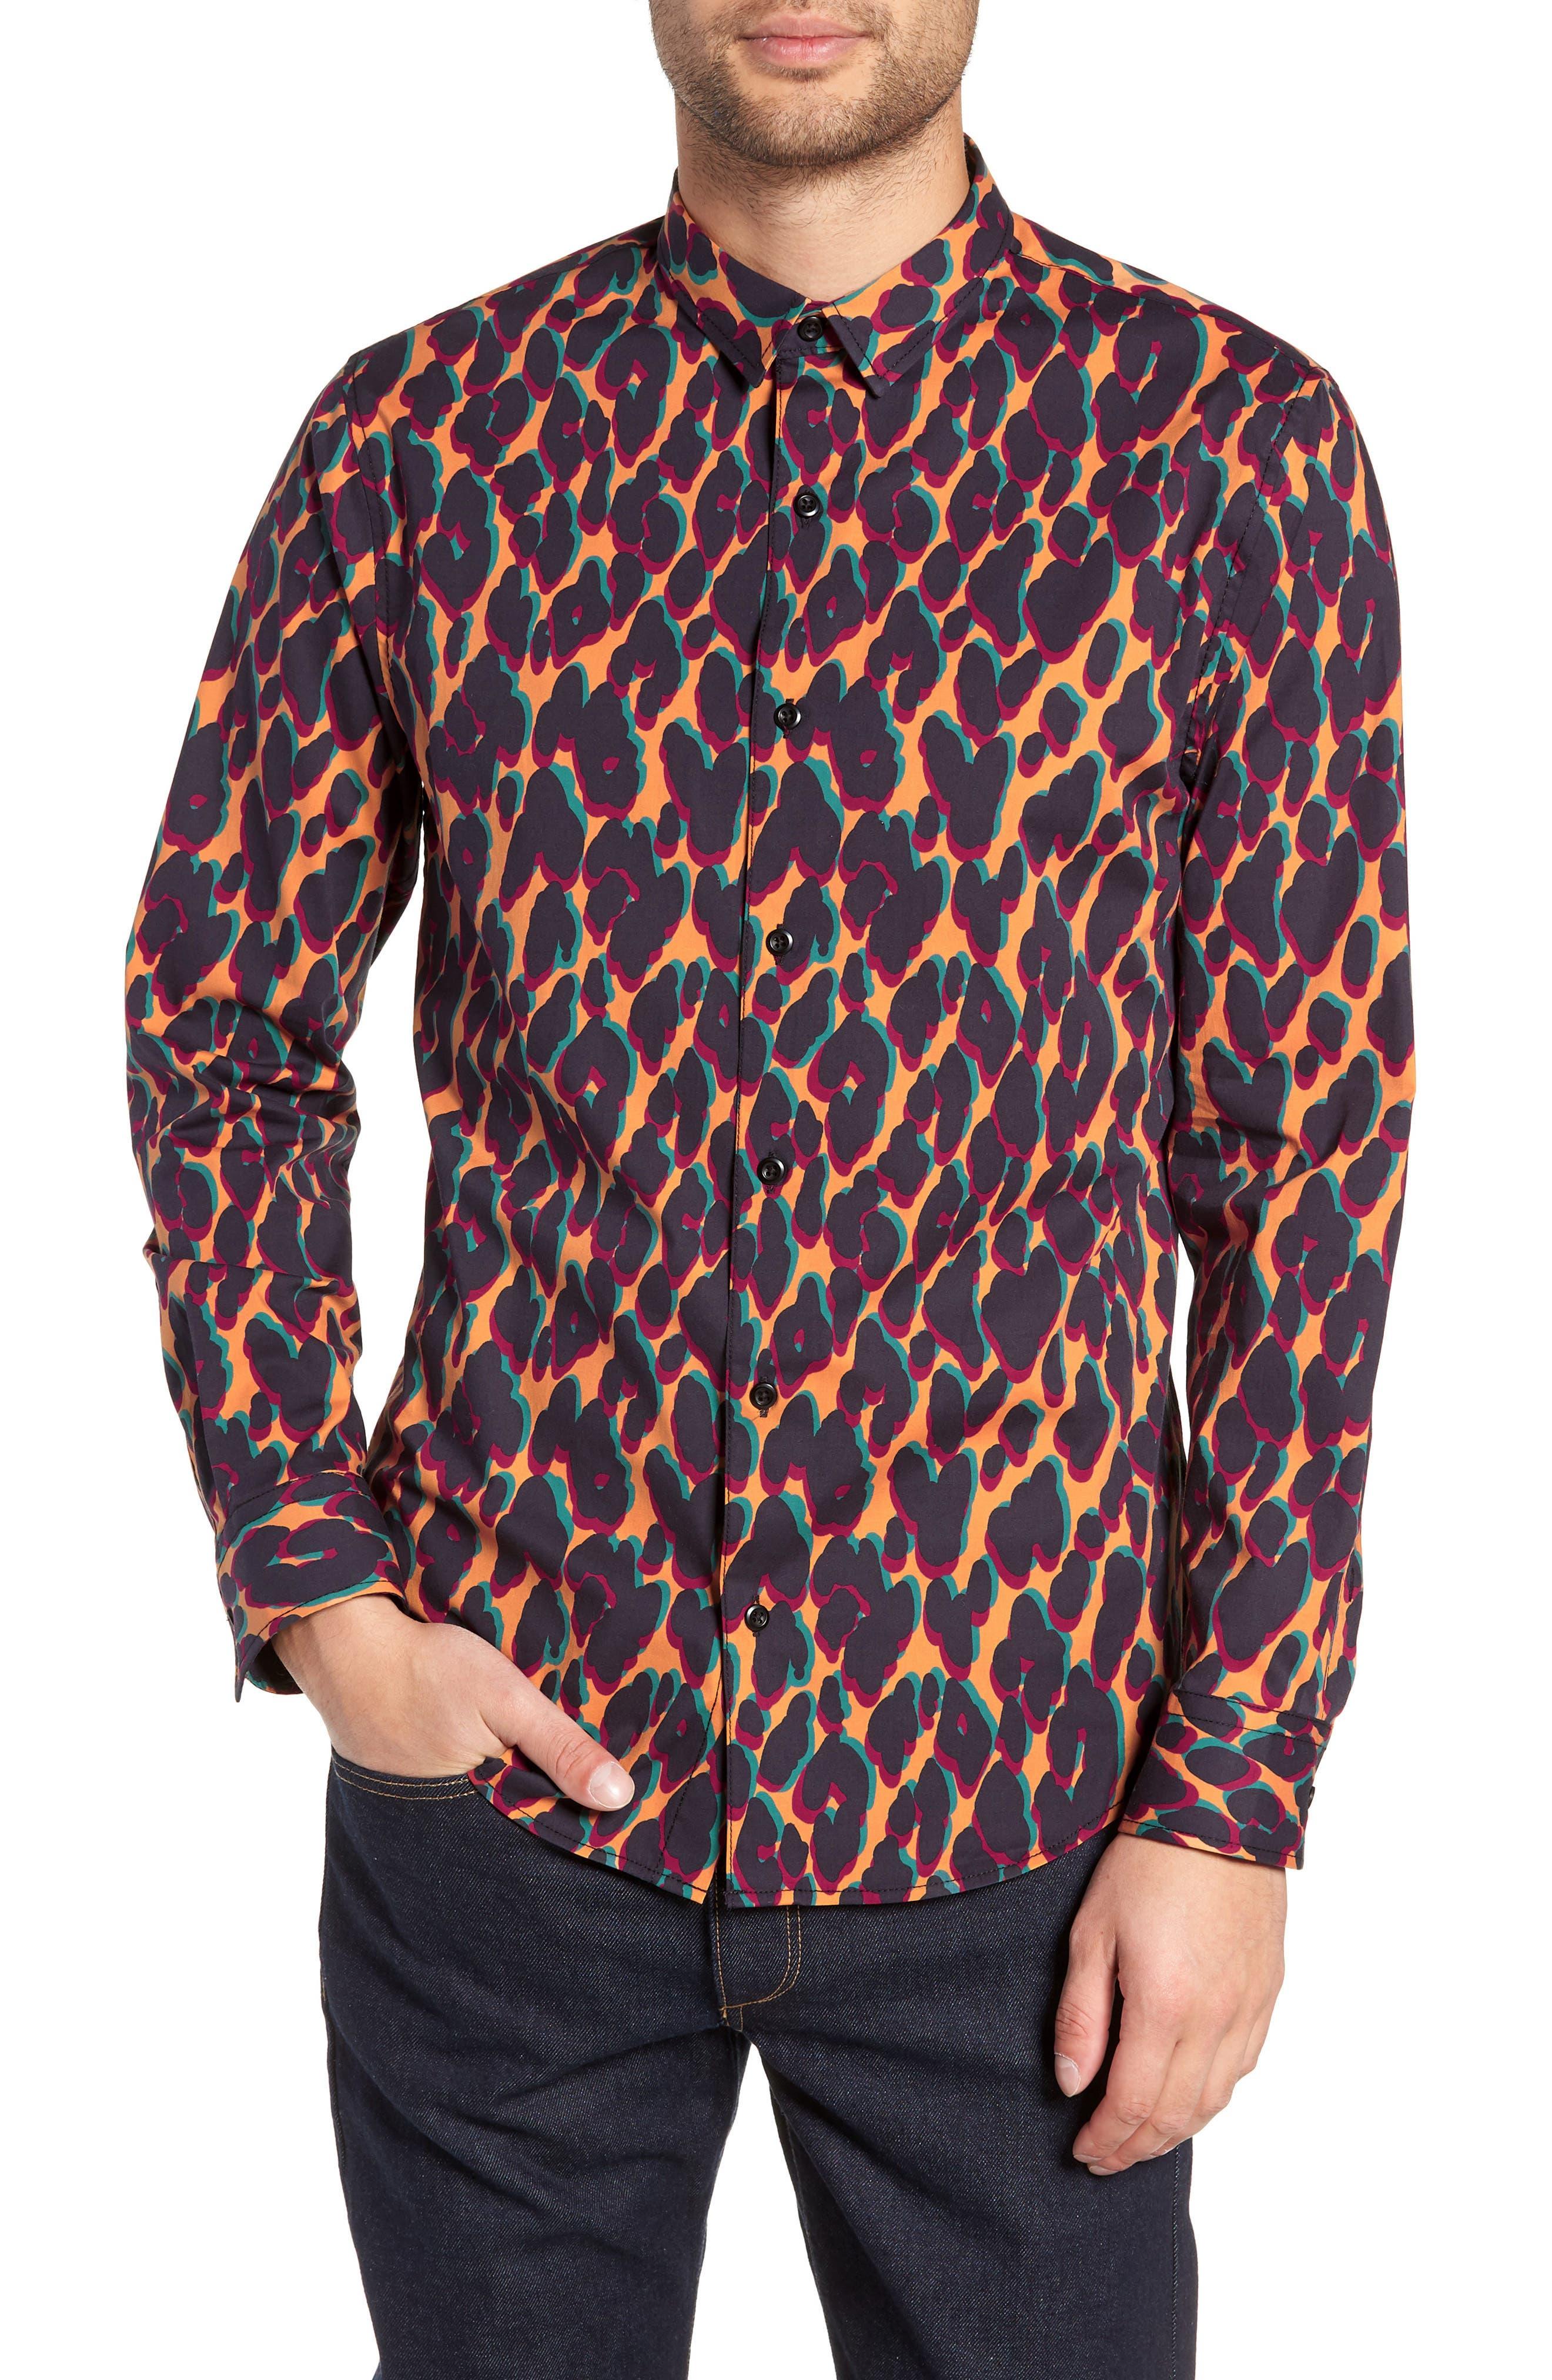 The Rail Leopard Print Sport Shirt